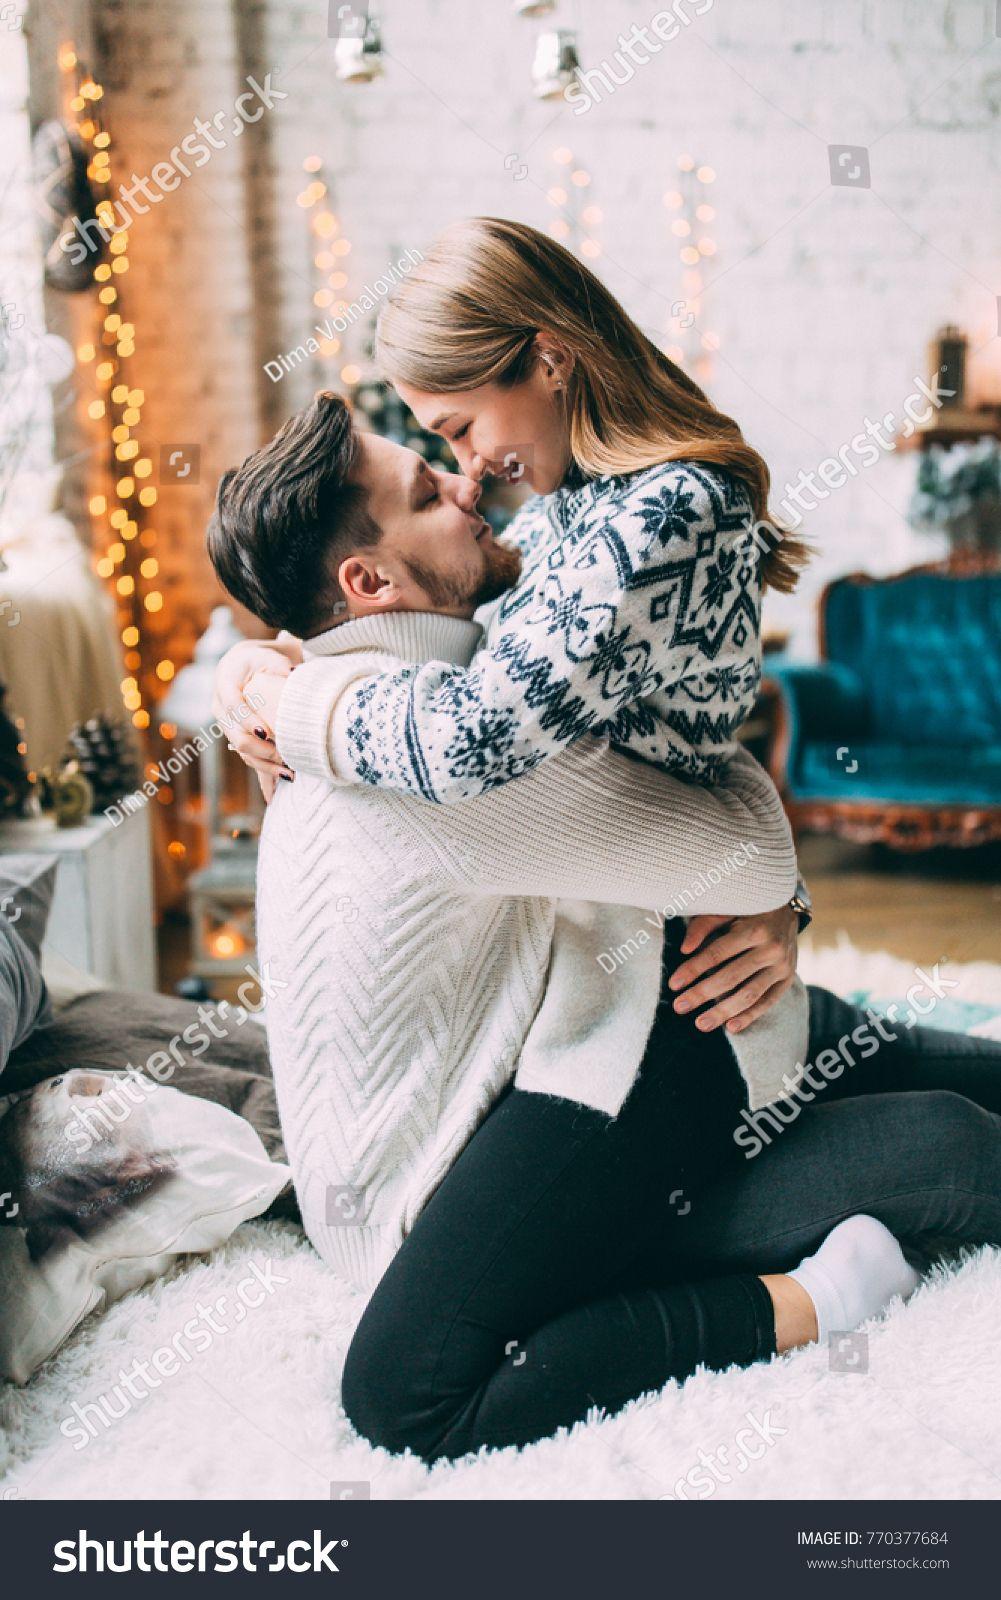 Guy Girl Celebrating Christmas Loving Couple: стоковая фотография (редактировать), 770377684